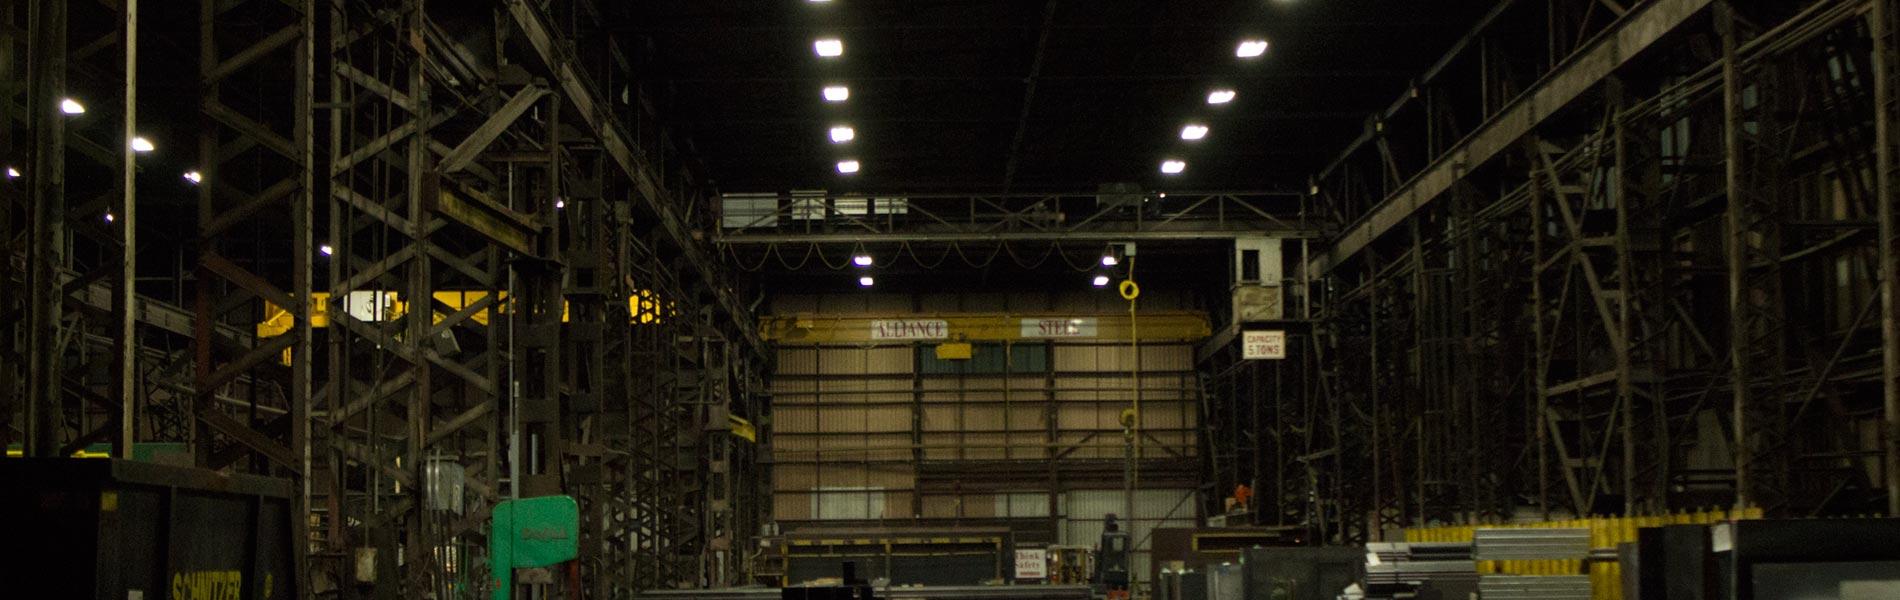 shipyard1900x600